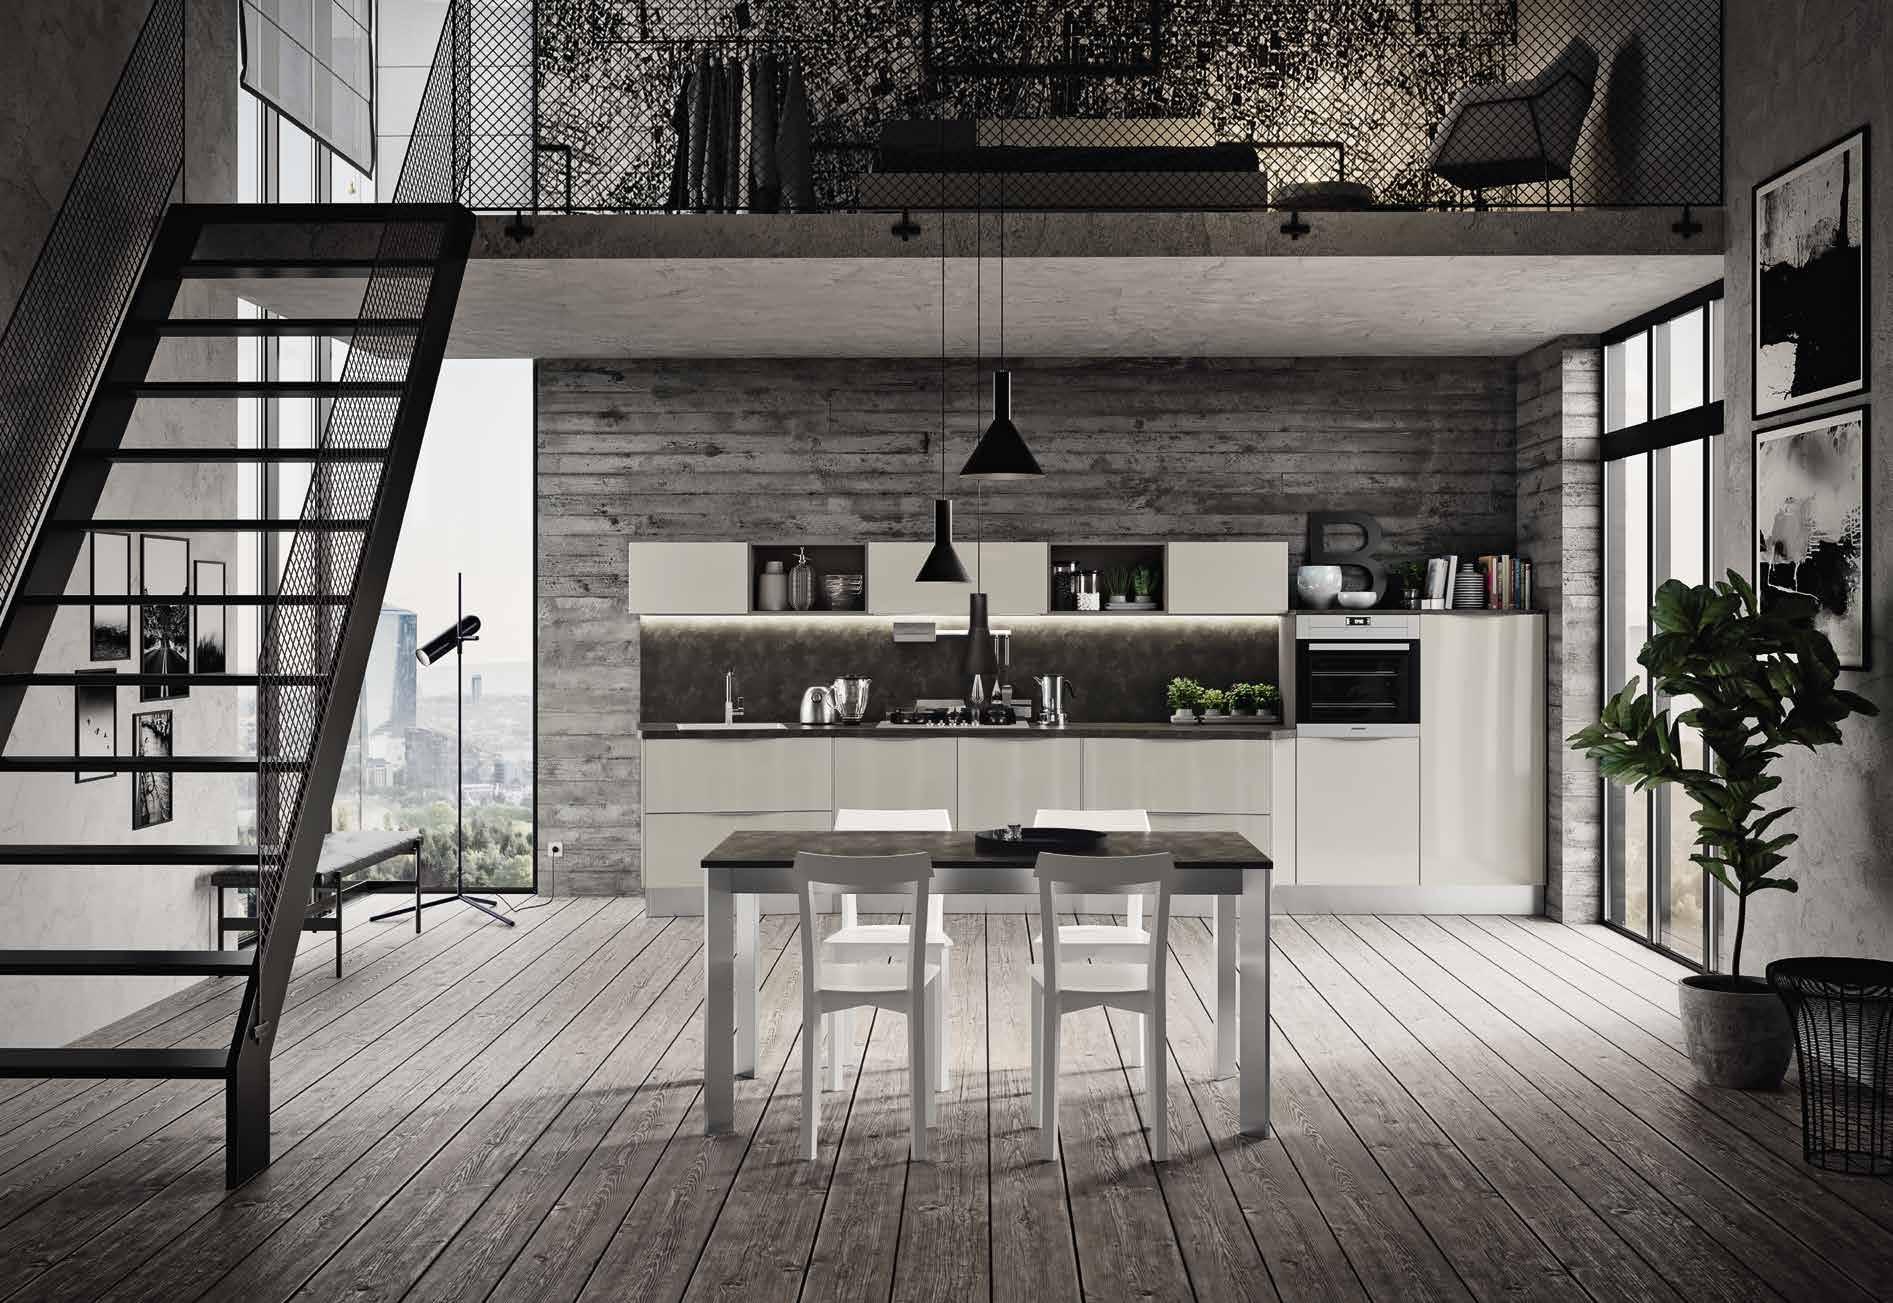 Κουζίνα laminate σε γκρι γυαλιστερο dorian με διαγωνια τοποθετηση πολυμορφικου σχεδιασμου για εξτρα παγκο